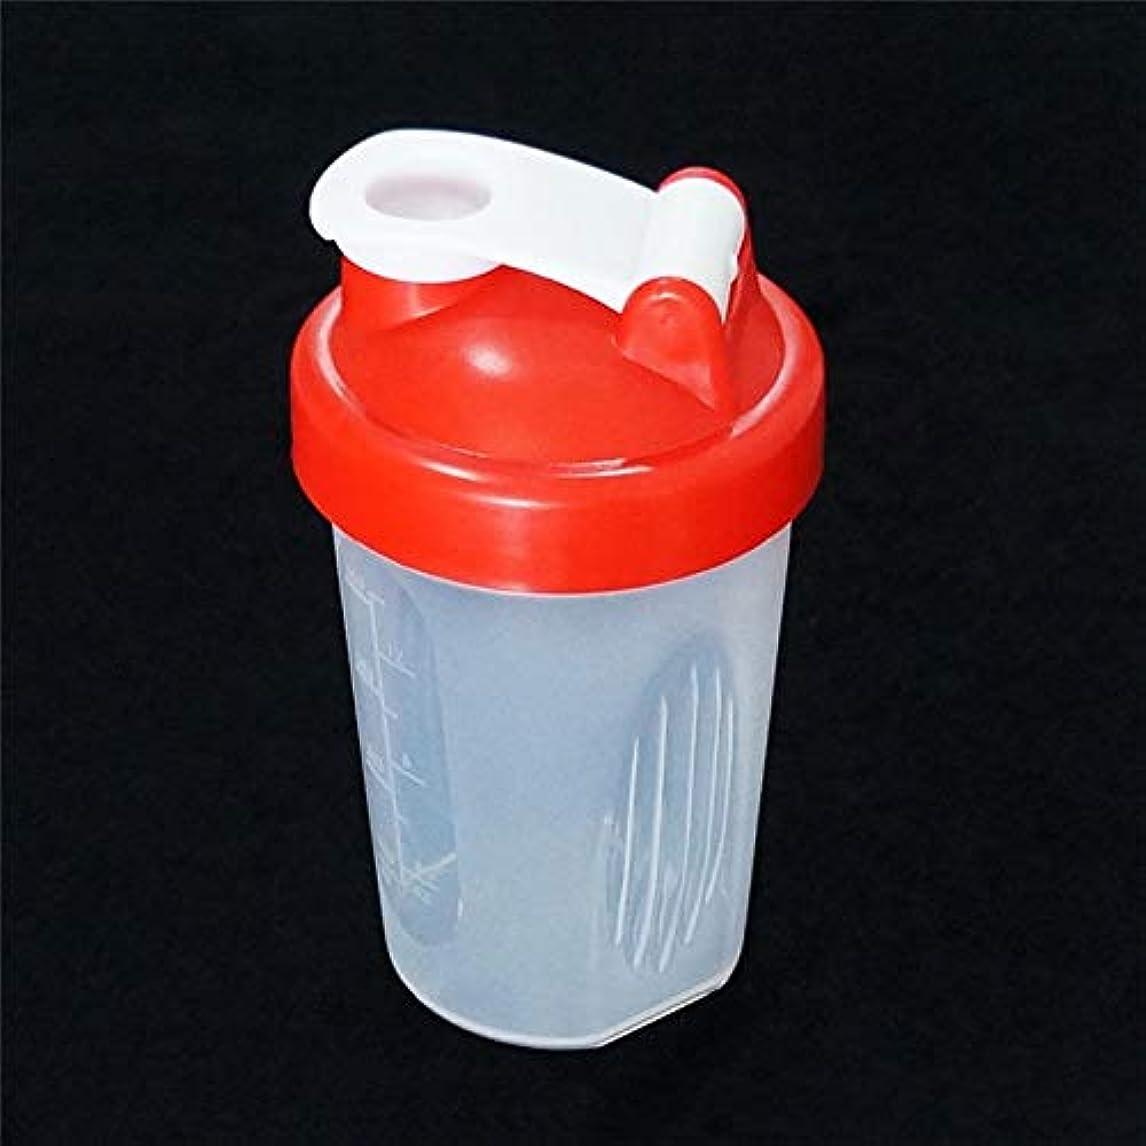 バッテリー二年生和Maxcrestas - 400ML Plastic Shake Cups Drink Creative Large Capacity Free Shake Blender Shaker Mixer Cups Drink Whisk Ball Bottle New Arrivals